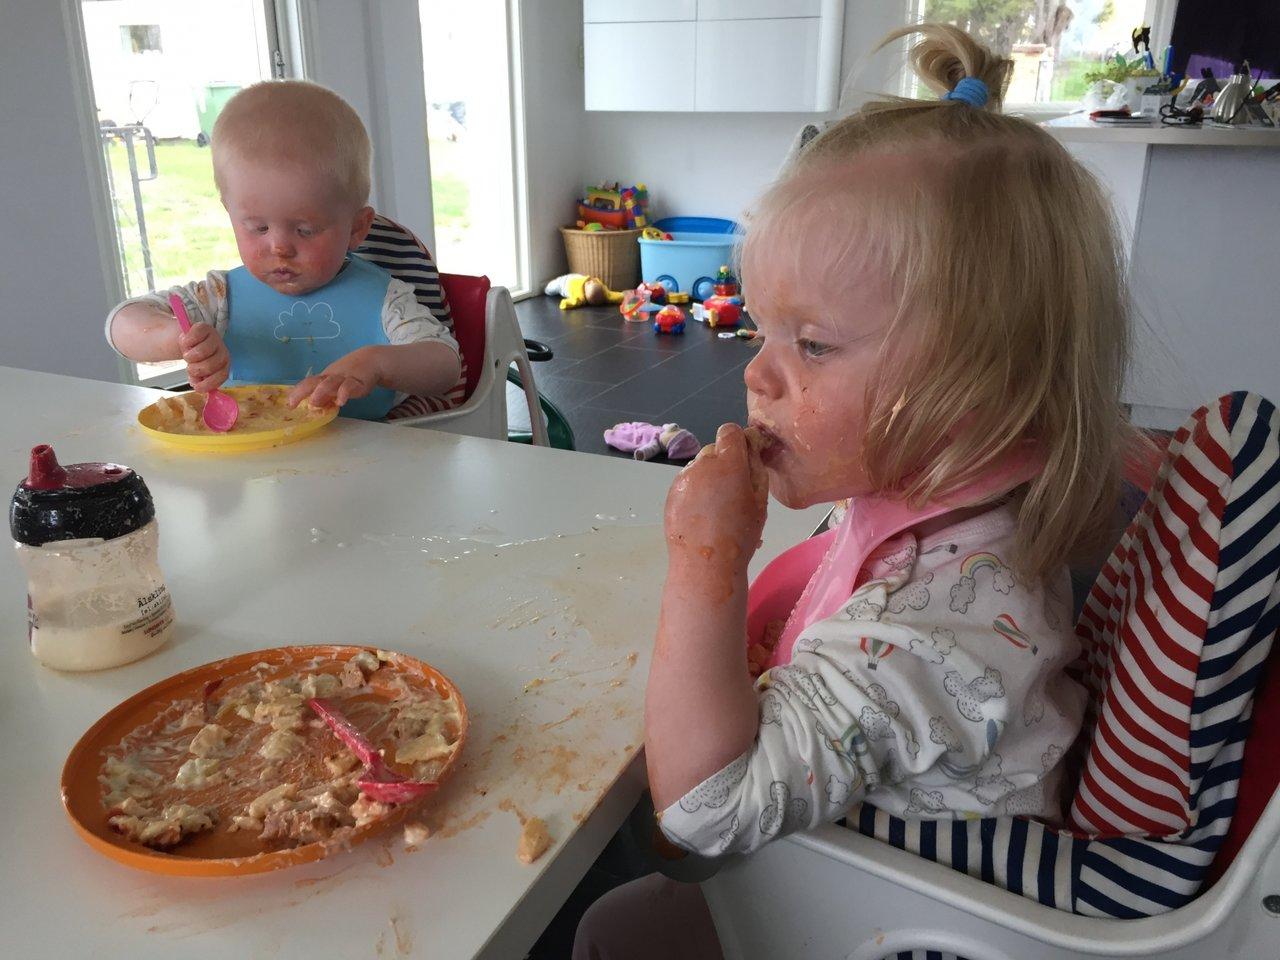 lära barn äta själv